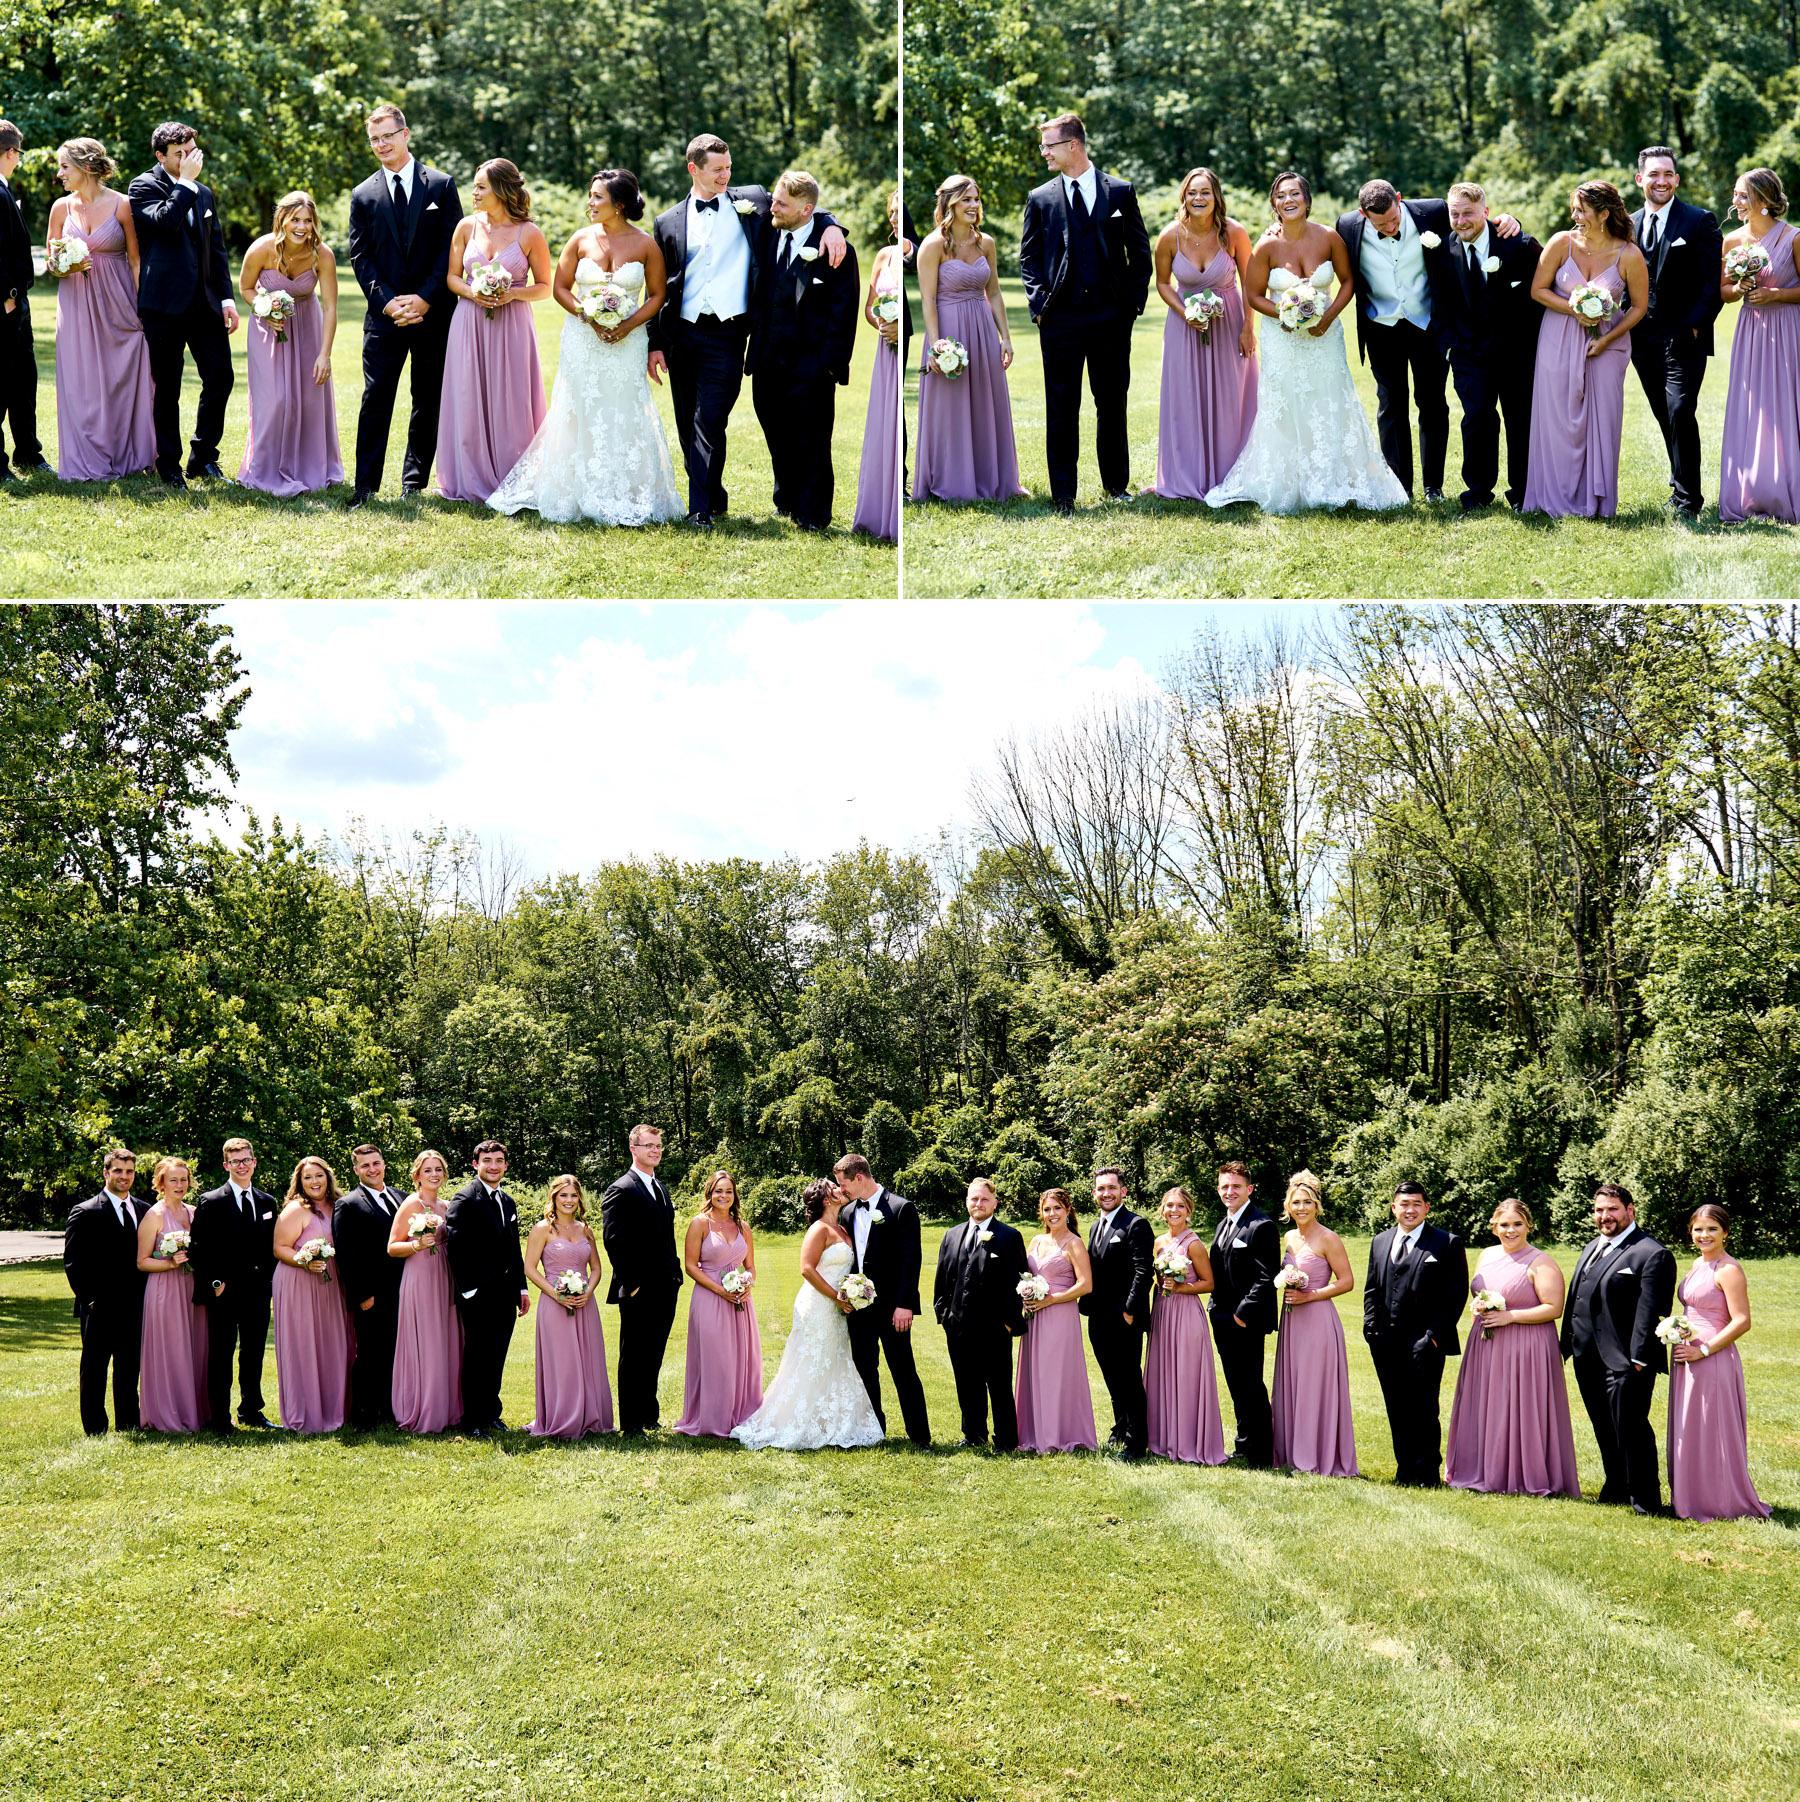 wedding party photos at The Farmhouse